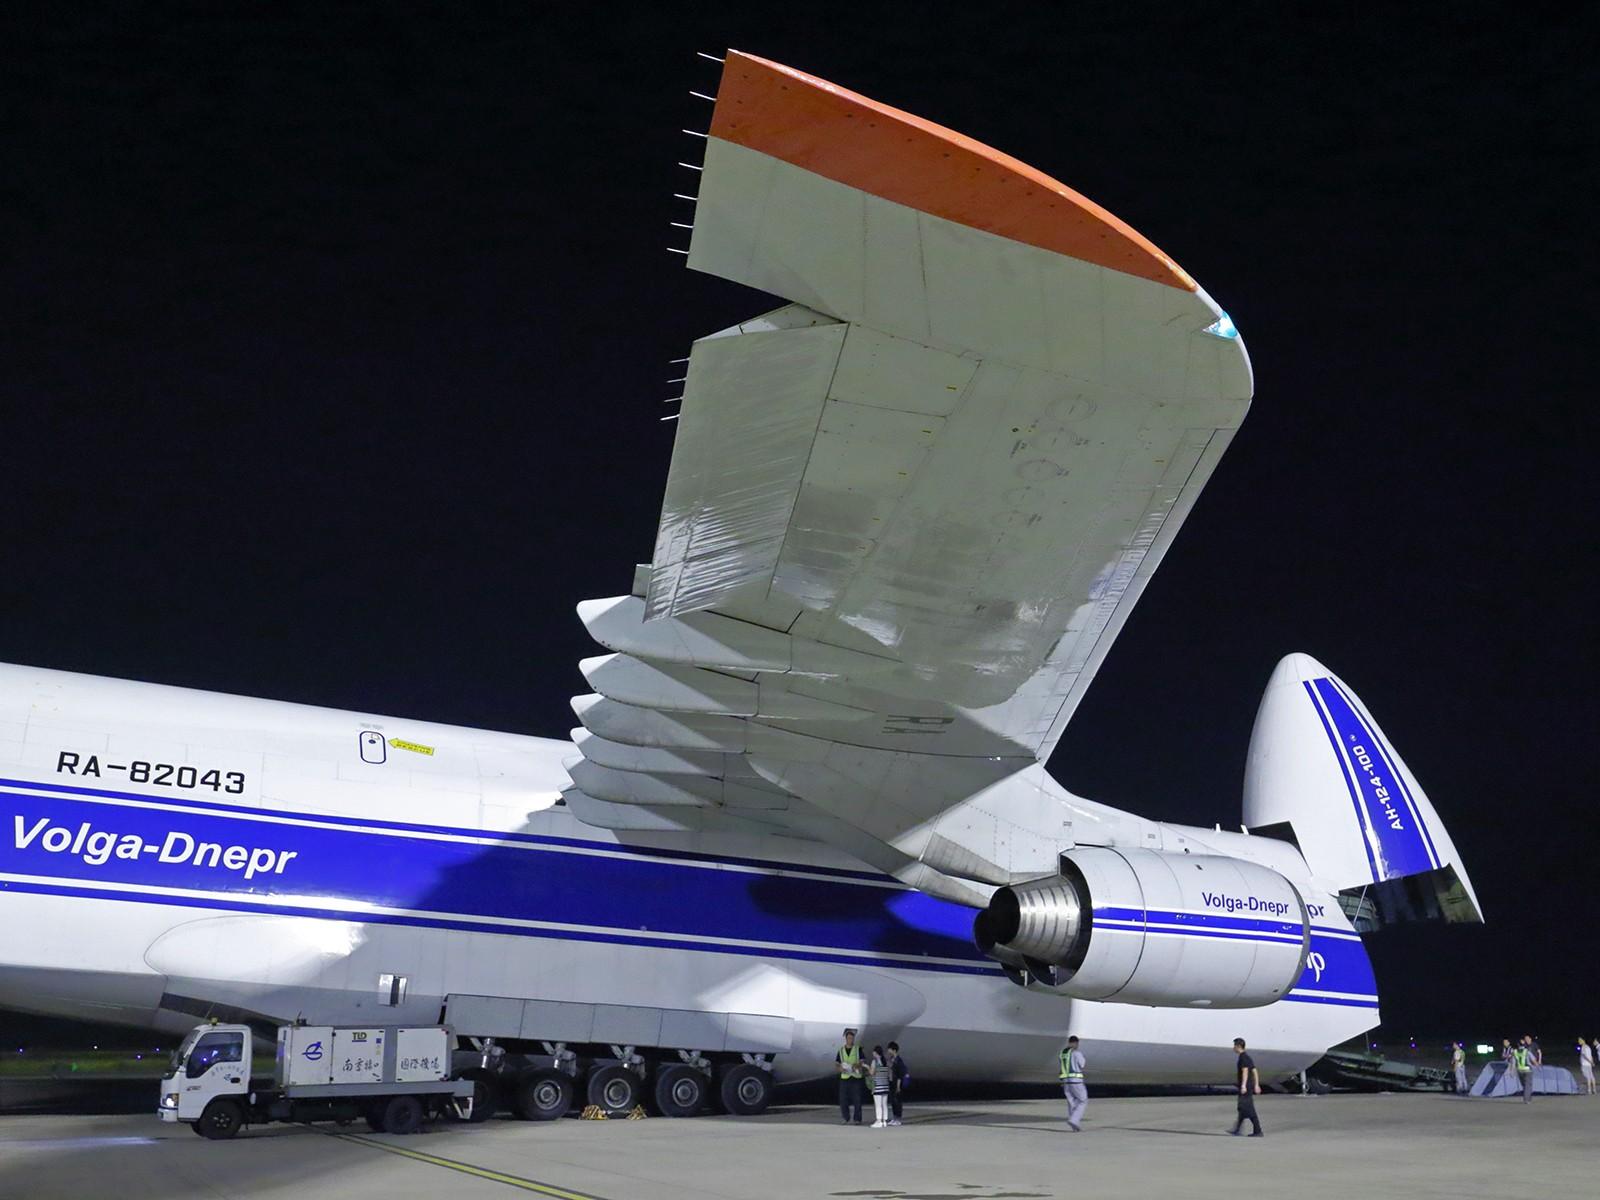 [原创]【BLDDQ】******我的拍机缘是从AN-124开始的,也是124让我认识了卡脑壳******